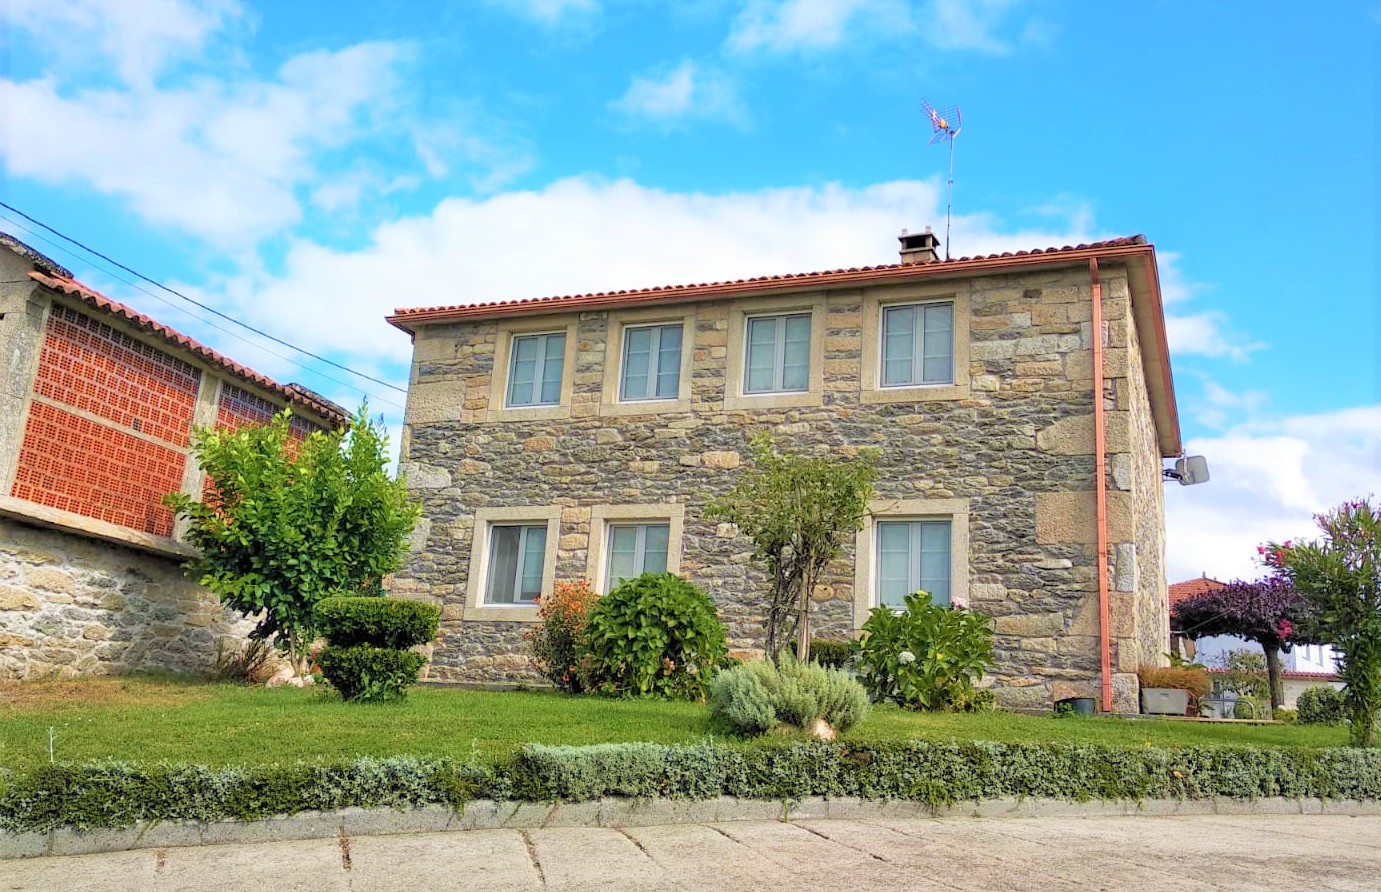 Casa de piedra próxima al camino de Santiago – en Palas de Rei